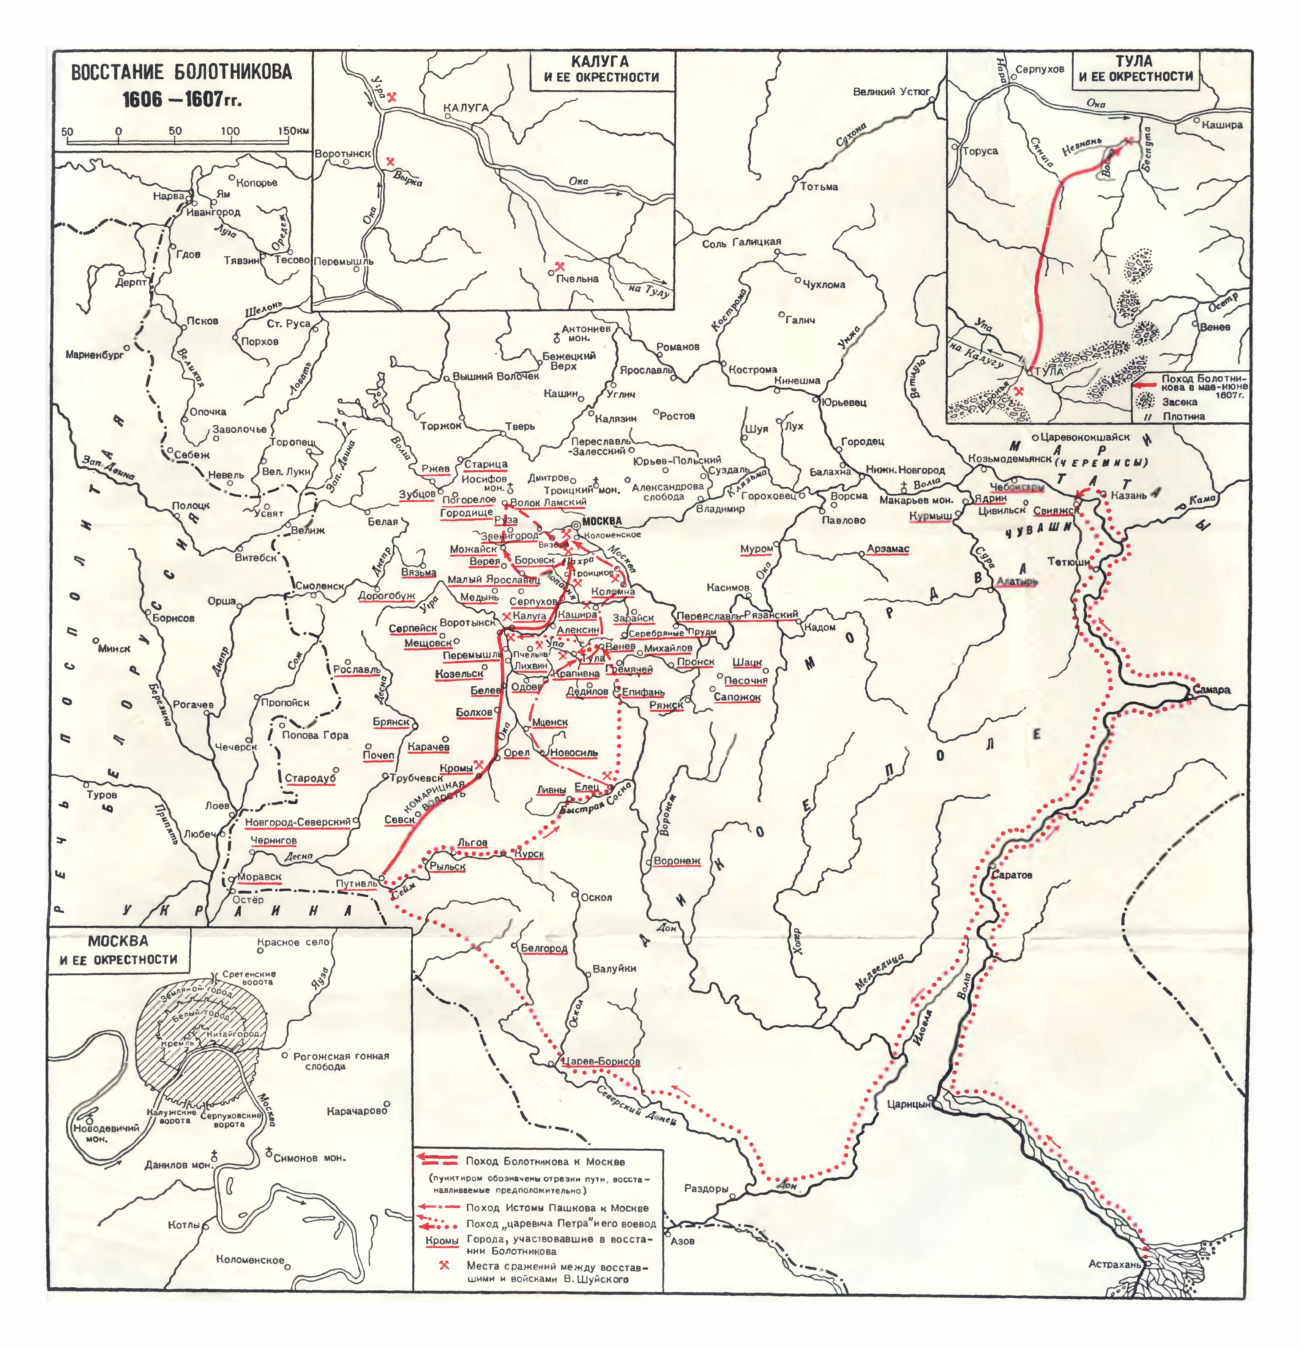 Восстание Болотникова 1606-1607 годы, карта-схема, И. И. Смирнов